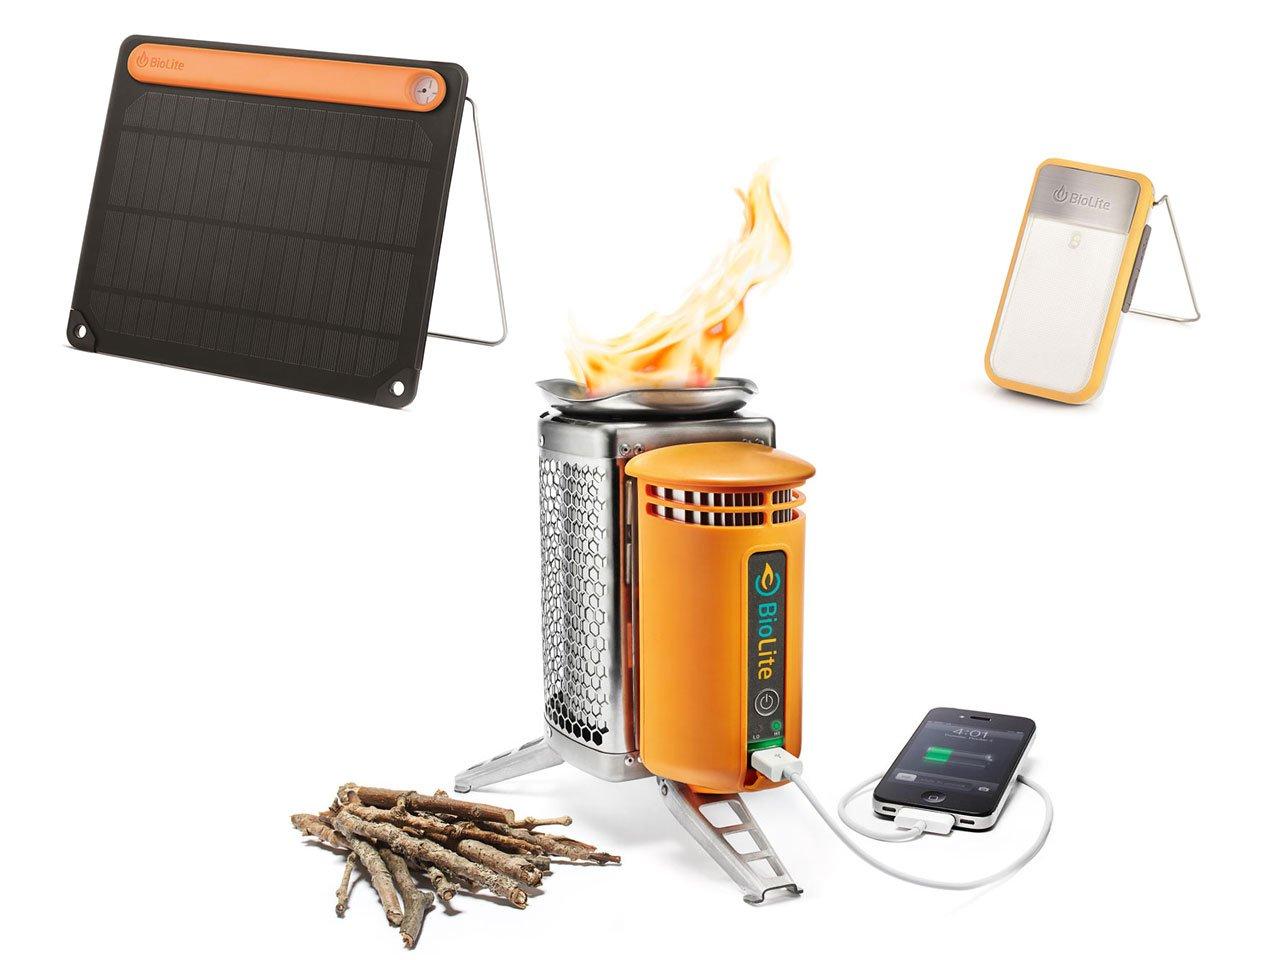 News – BioLite: Das nachhaltige Energie-Ökosystem von BioLite – Kochen, Laden, Leuchten für den umweltbewußte Outdoorgenießer